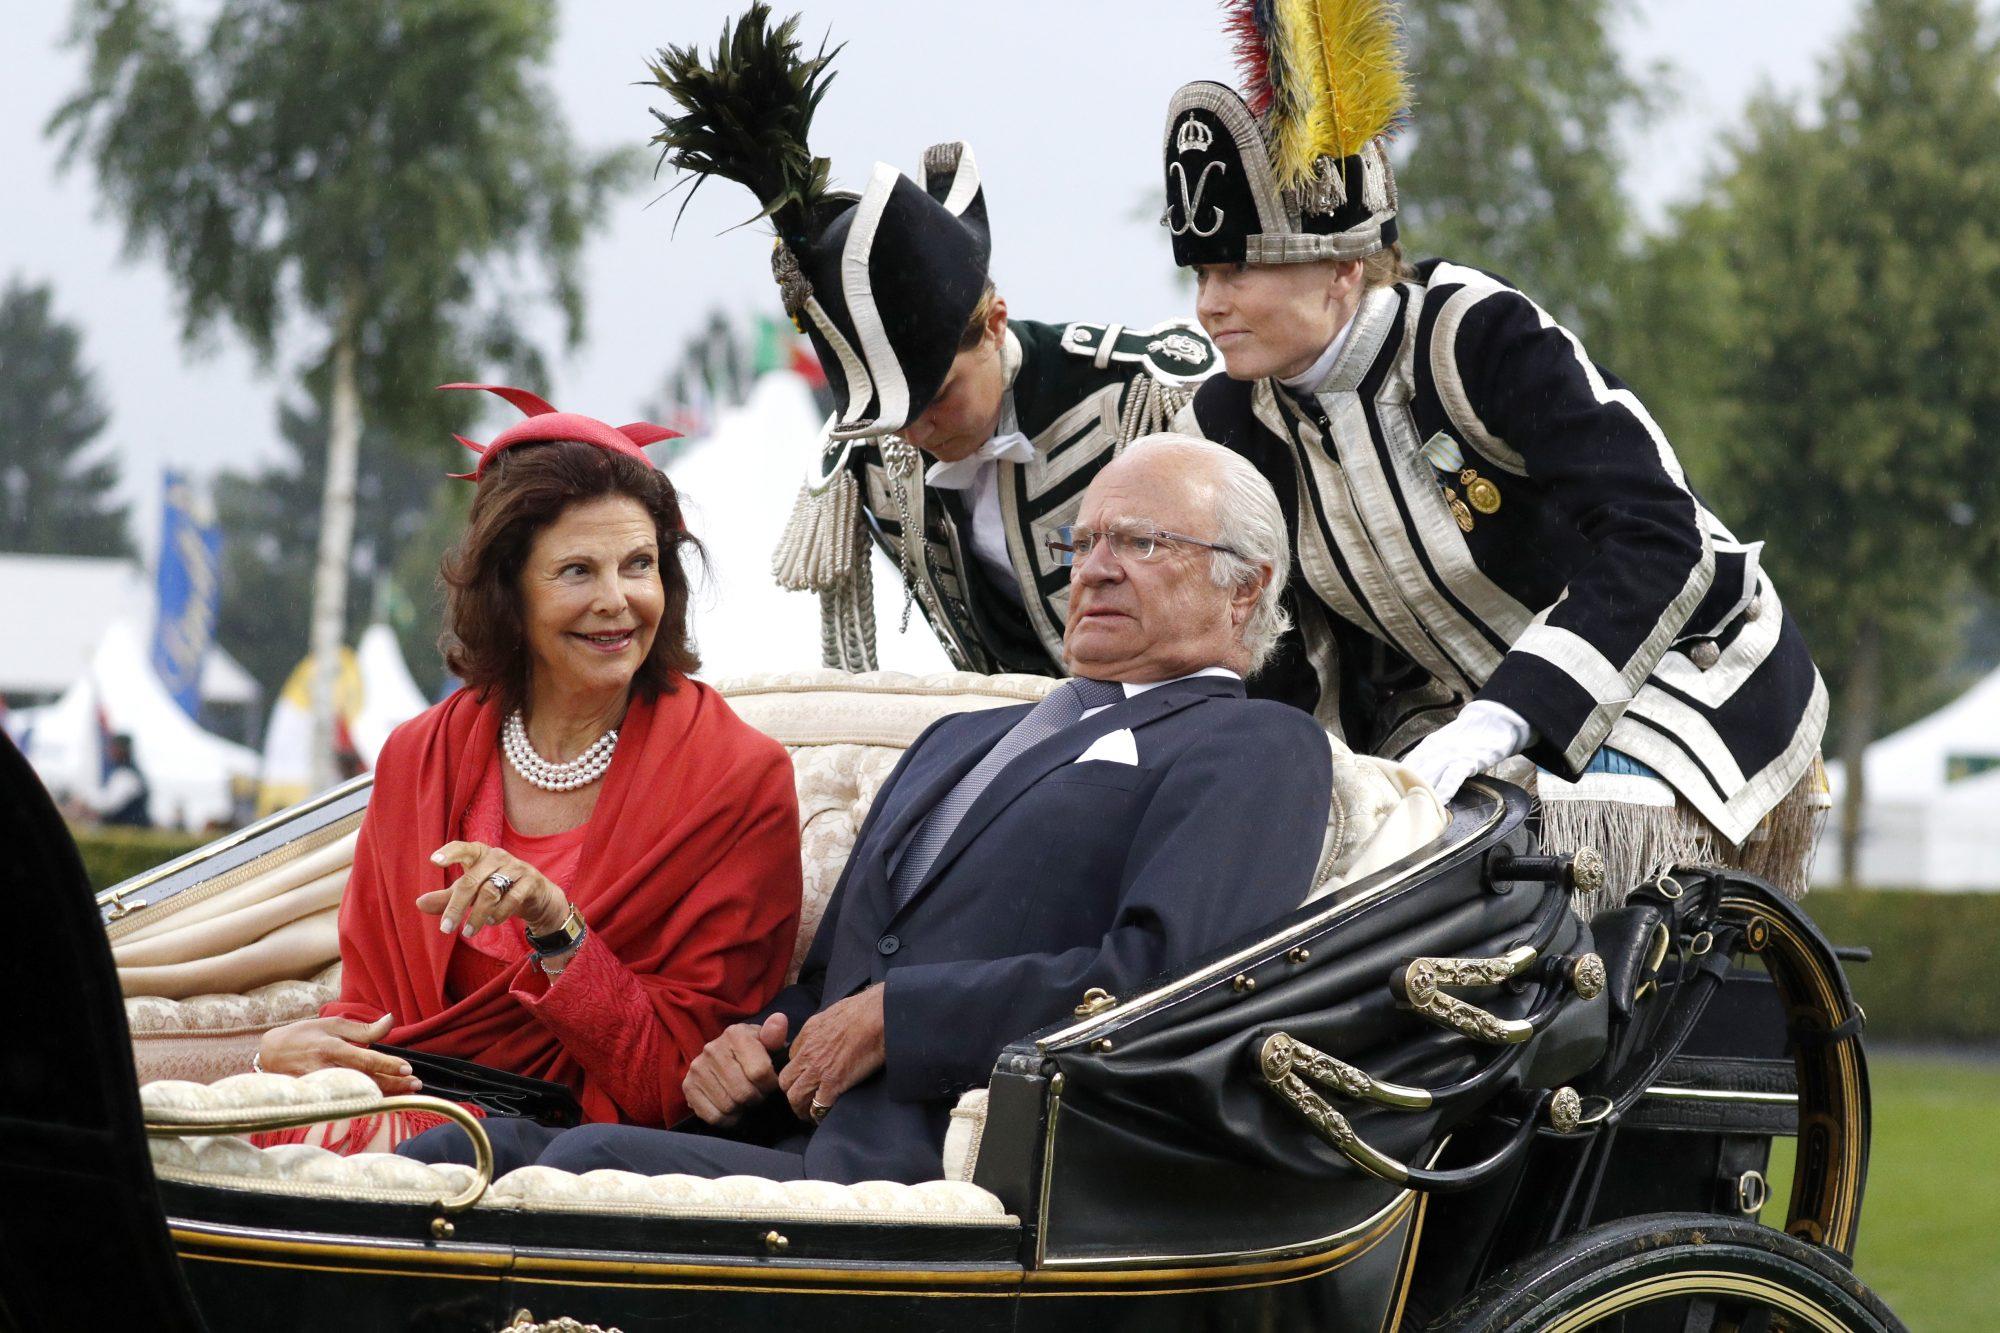 reina-Silvia-de-Suecia-y-rey-Carl-XVI-Gustaf-de-Suecia